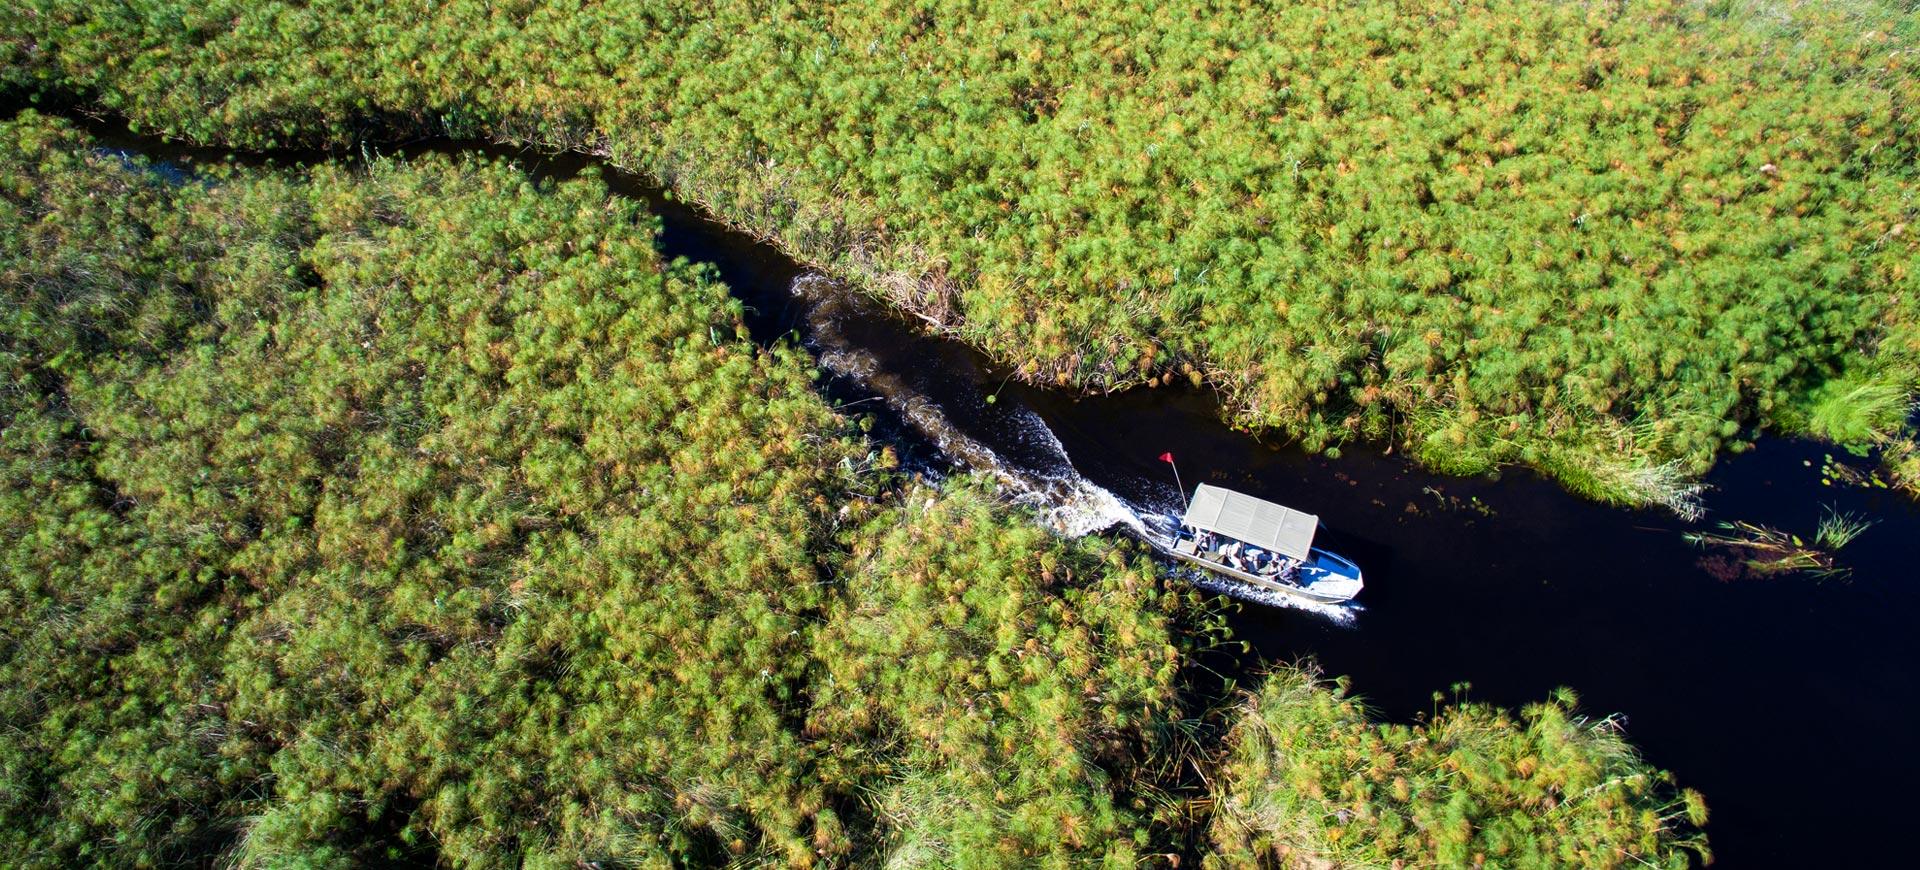 Delta Okavango River Cruise